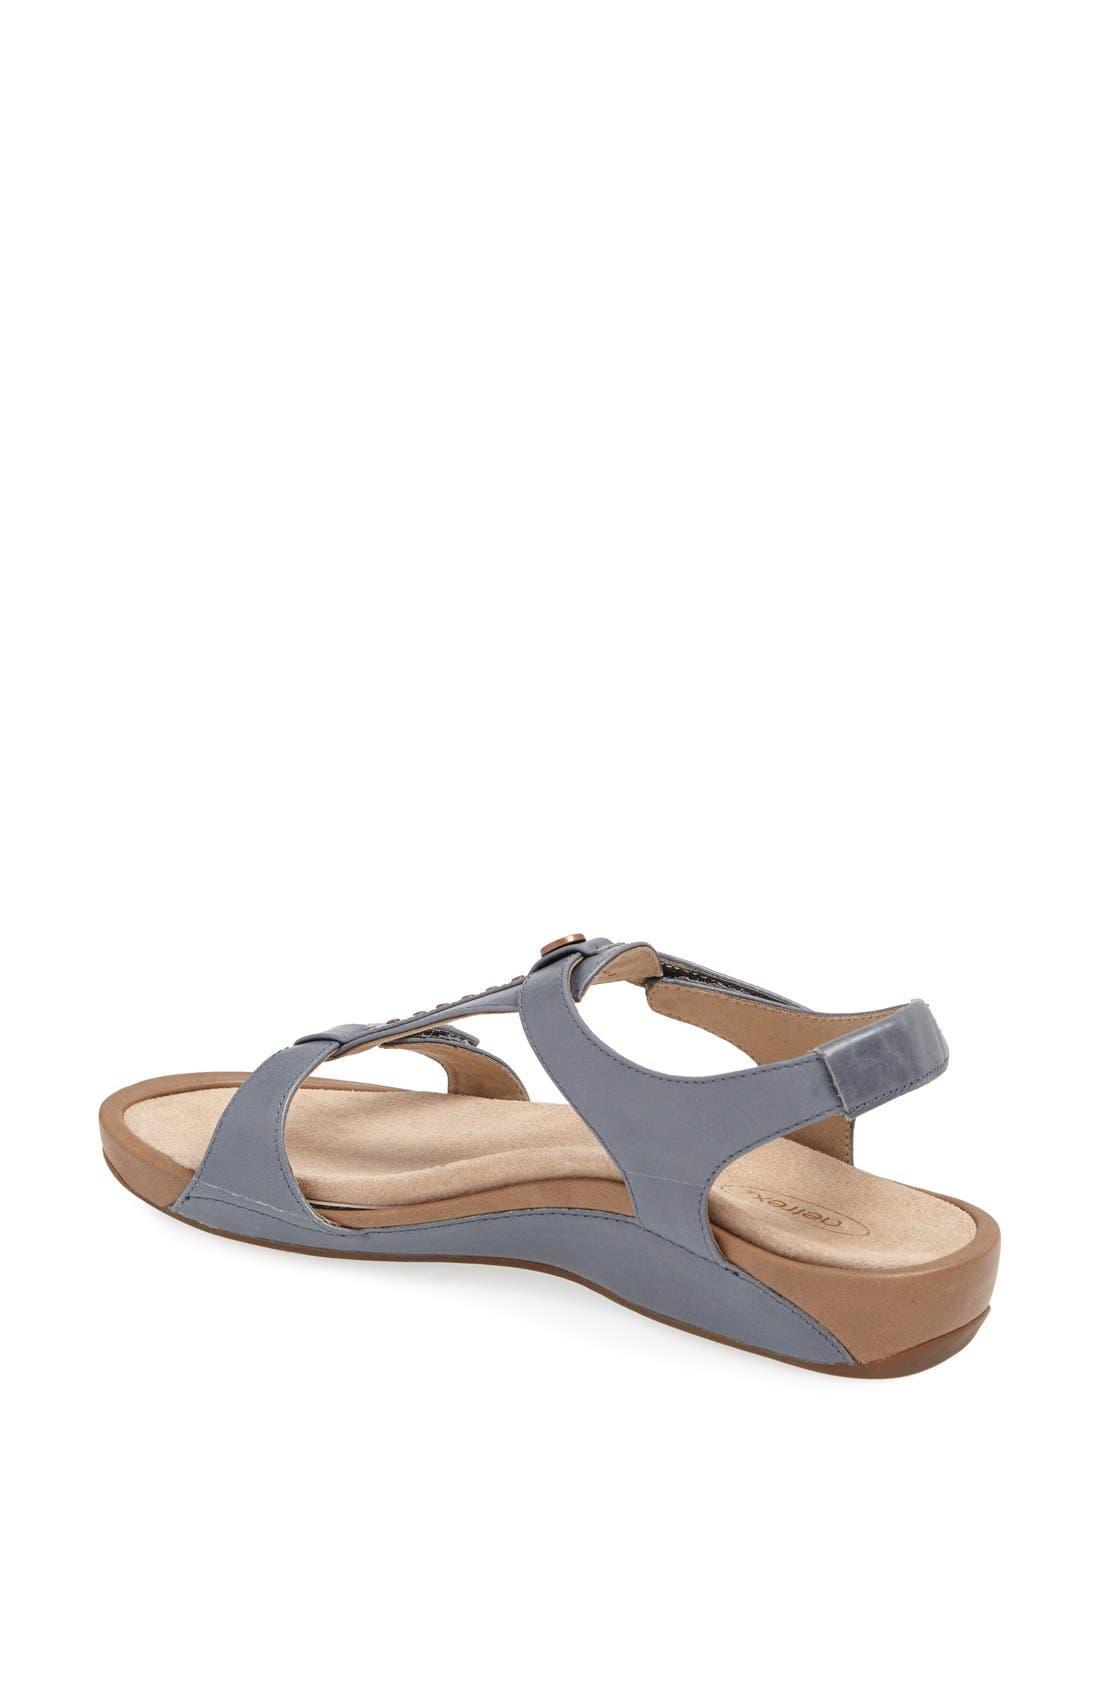 Alternate Image 2  - Aetrex 'Alyssa' Leather Sandal